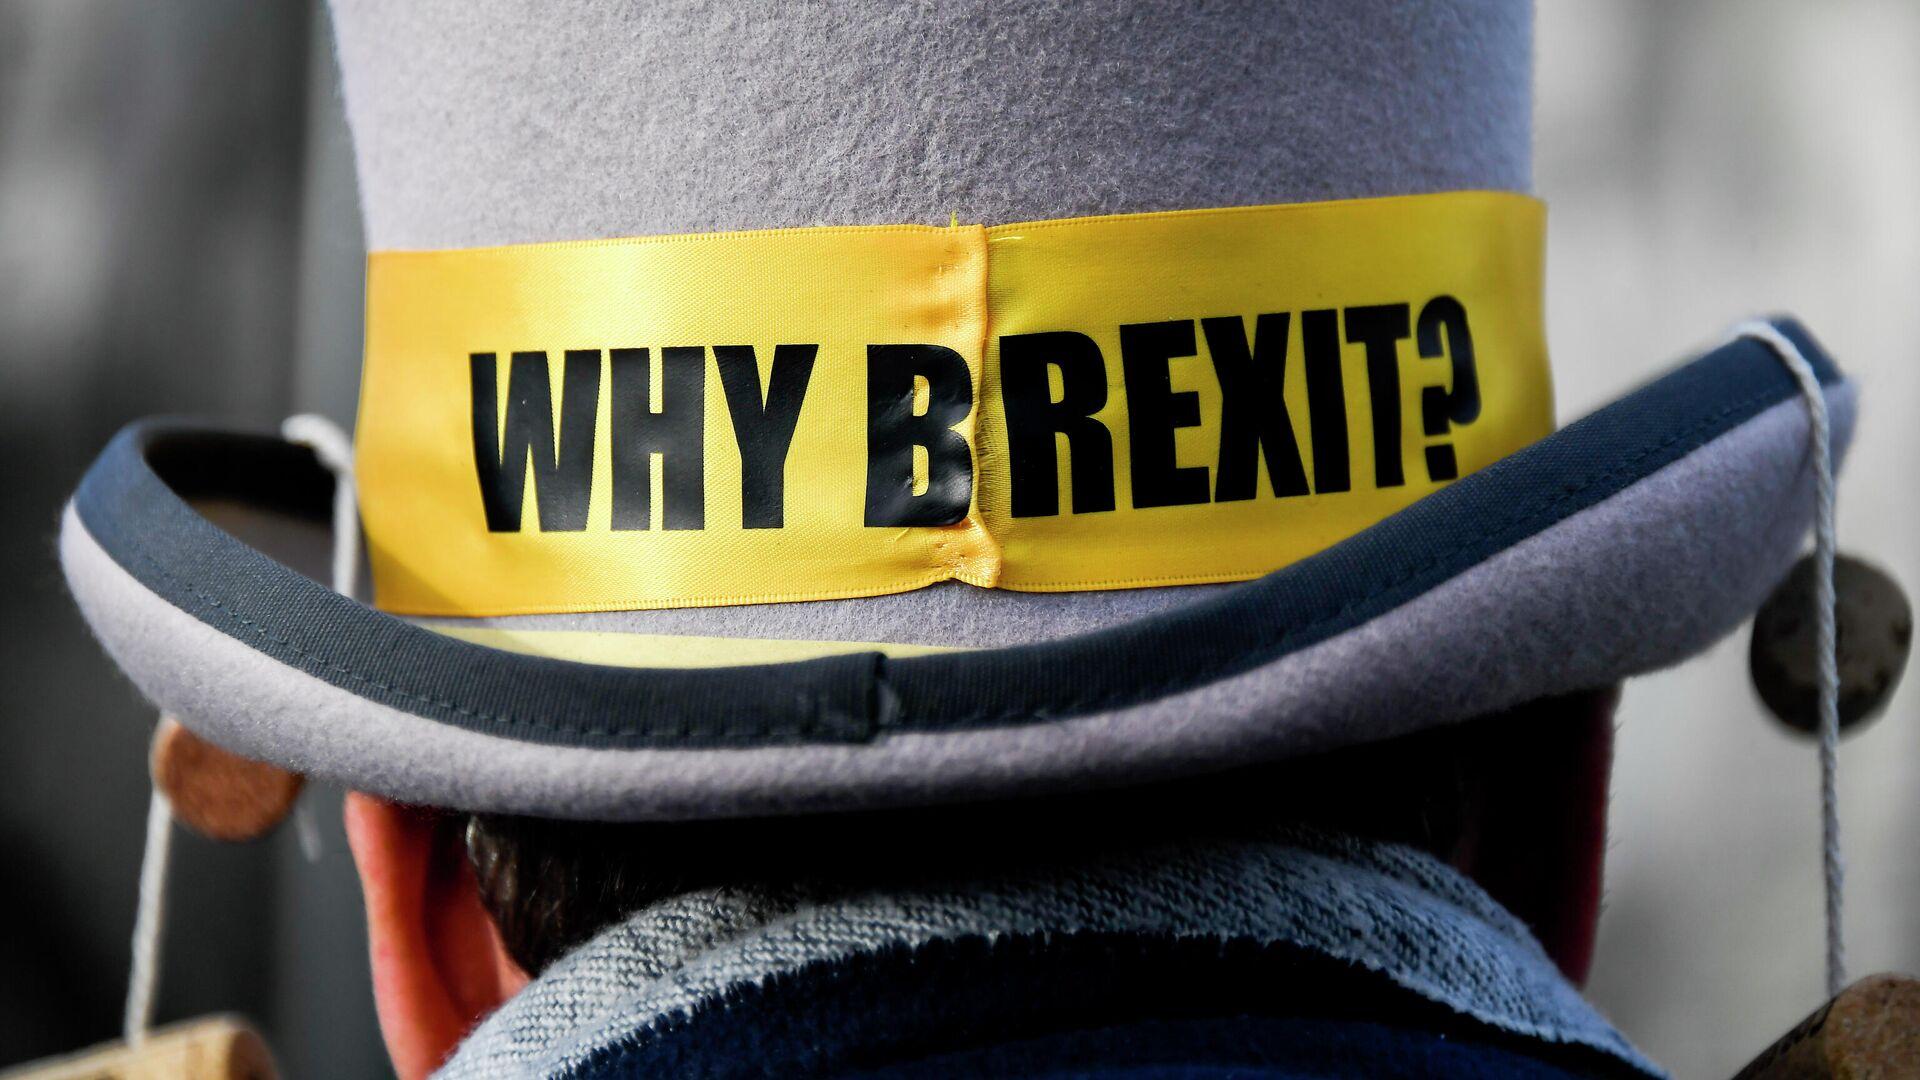 Демонстрант против Брексита у Вестминстерского дворца в Лондоне. 14 декабря 2020 - РИА Новости, 1920, 23.12.2020